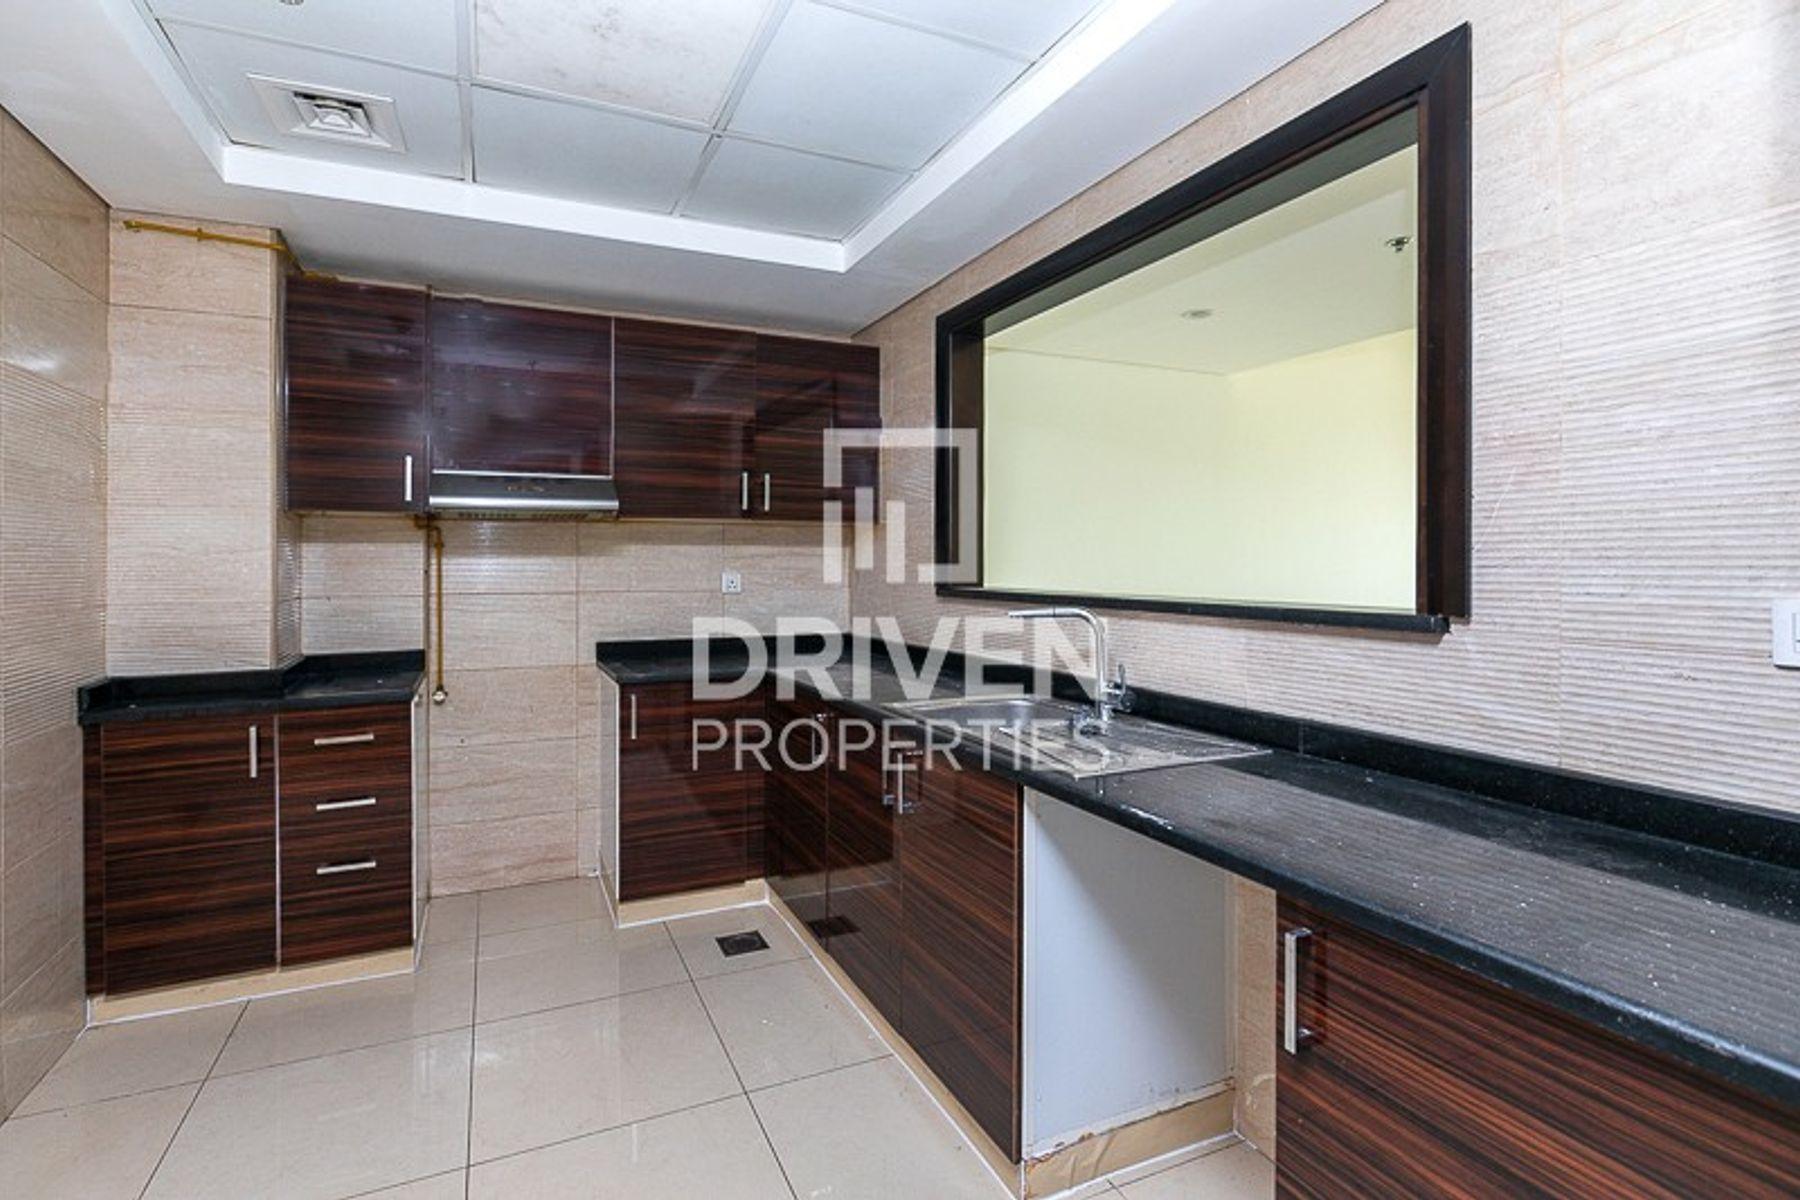 900 قدم مربع  شقة - للايجار - قرية الجميرا سركل